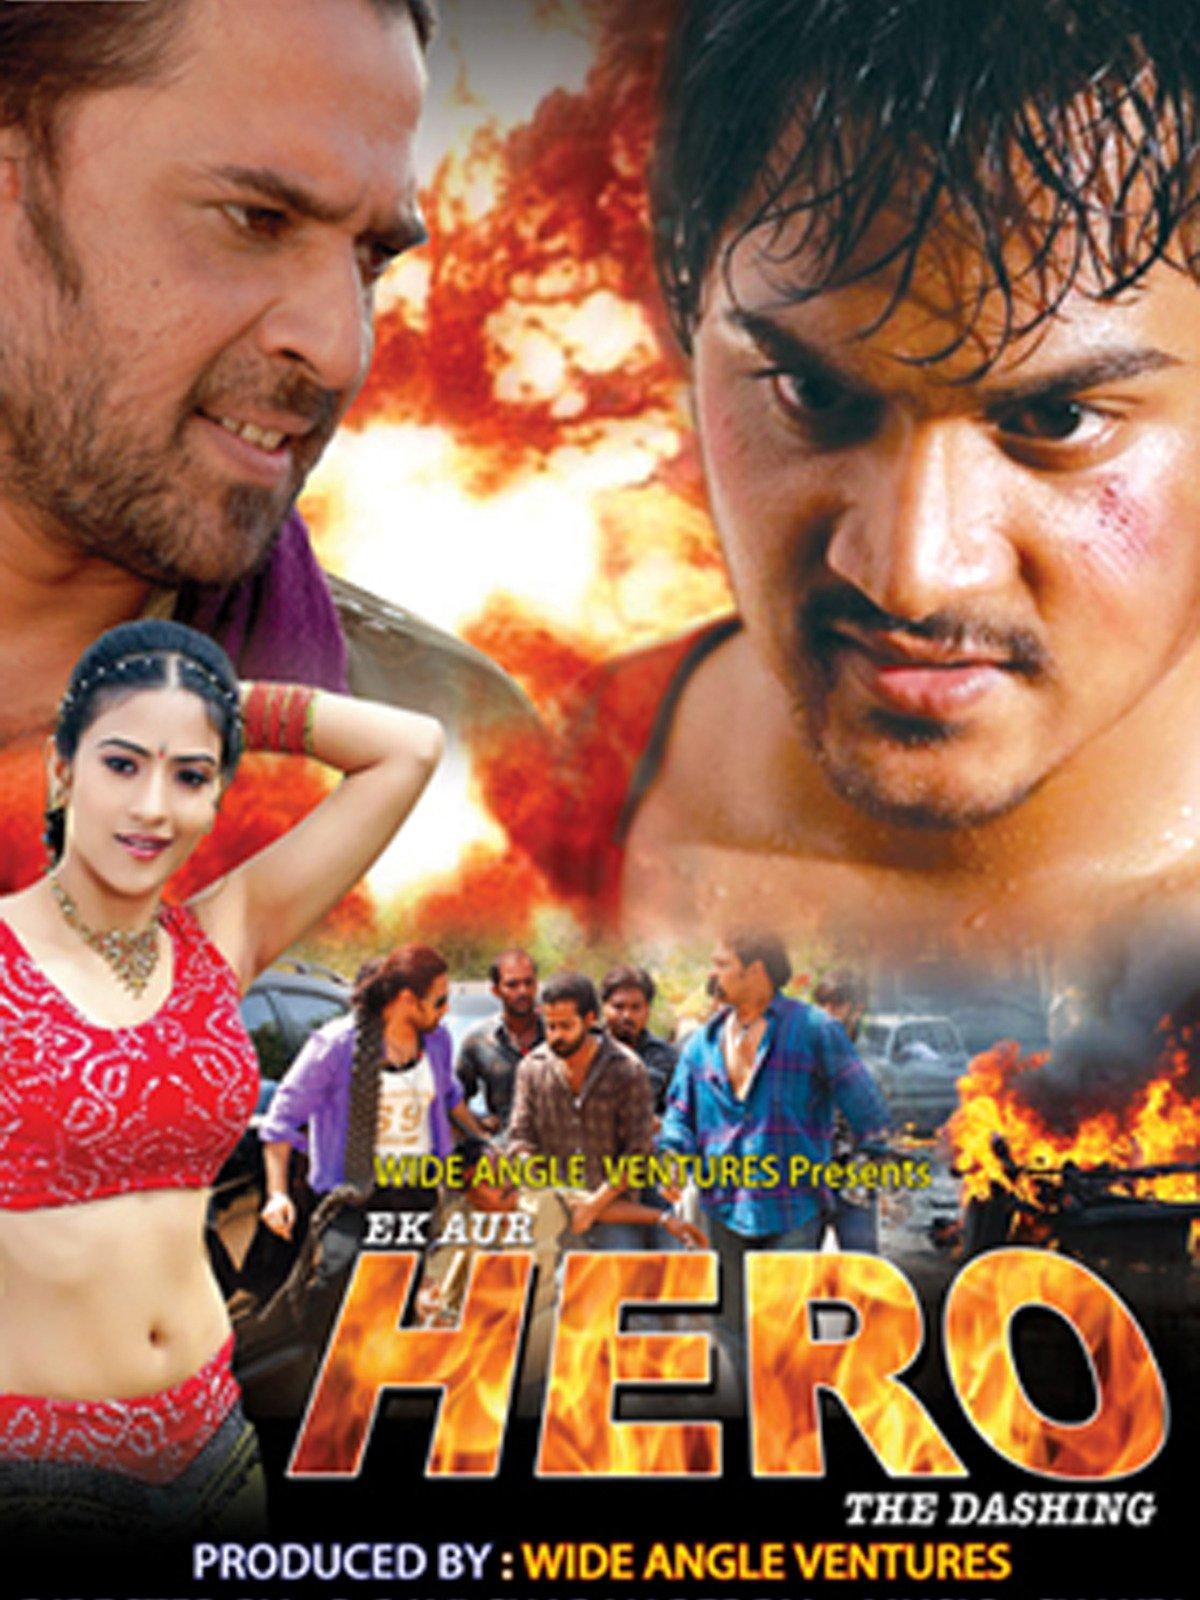 Ek Aur Hero The Dashing